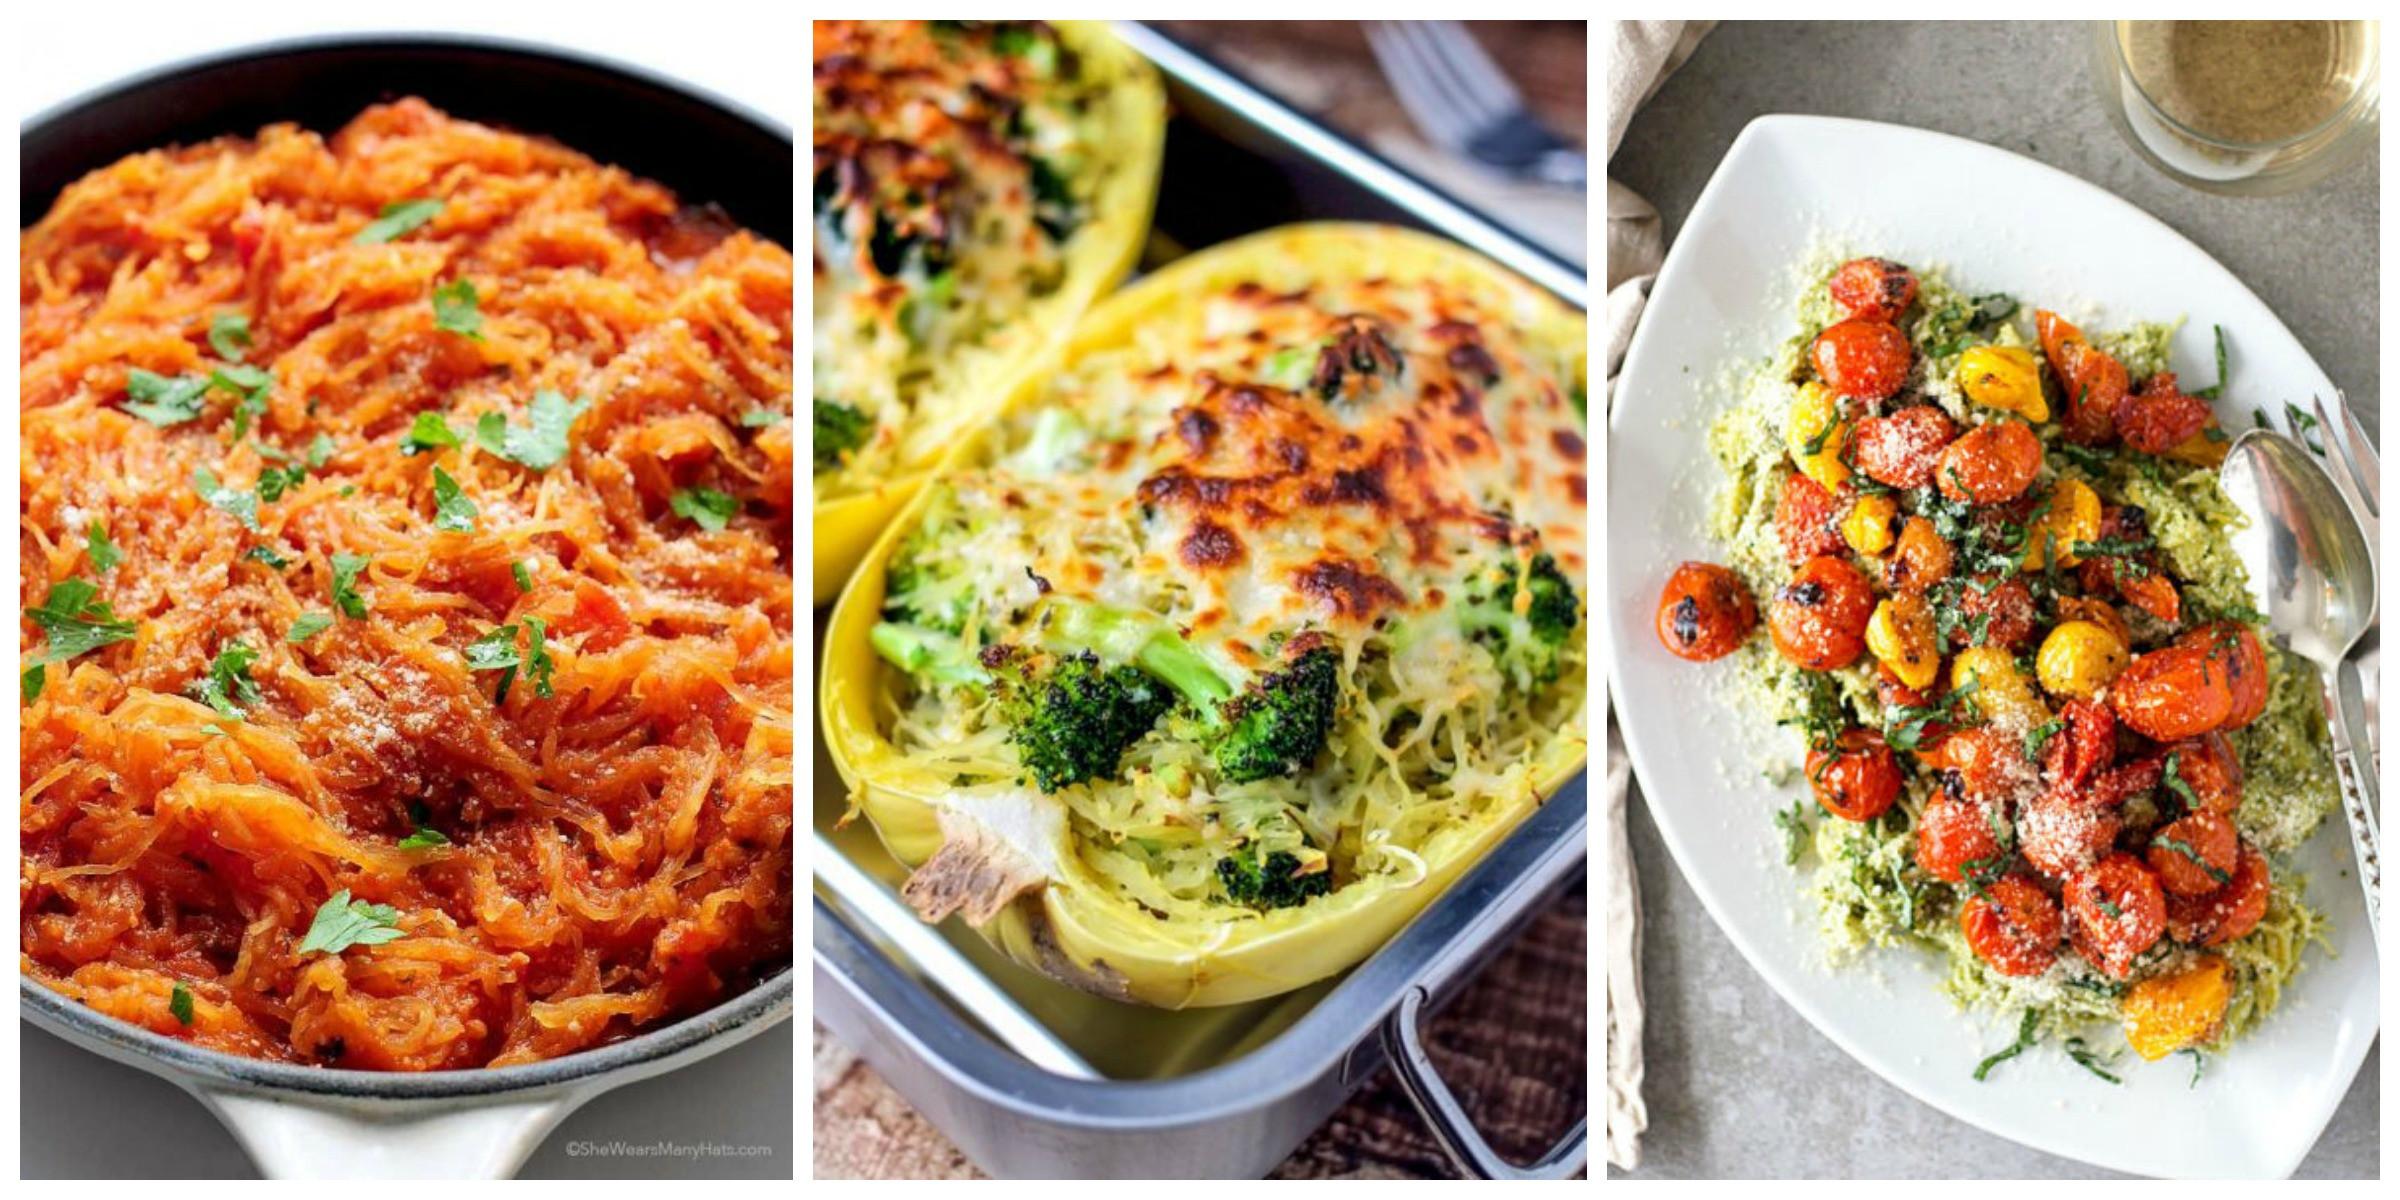 Healthy Spaghetti Squash Recipes  50 Best Healthy Spaghetti Squash Recipes How to Cook